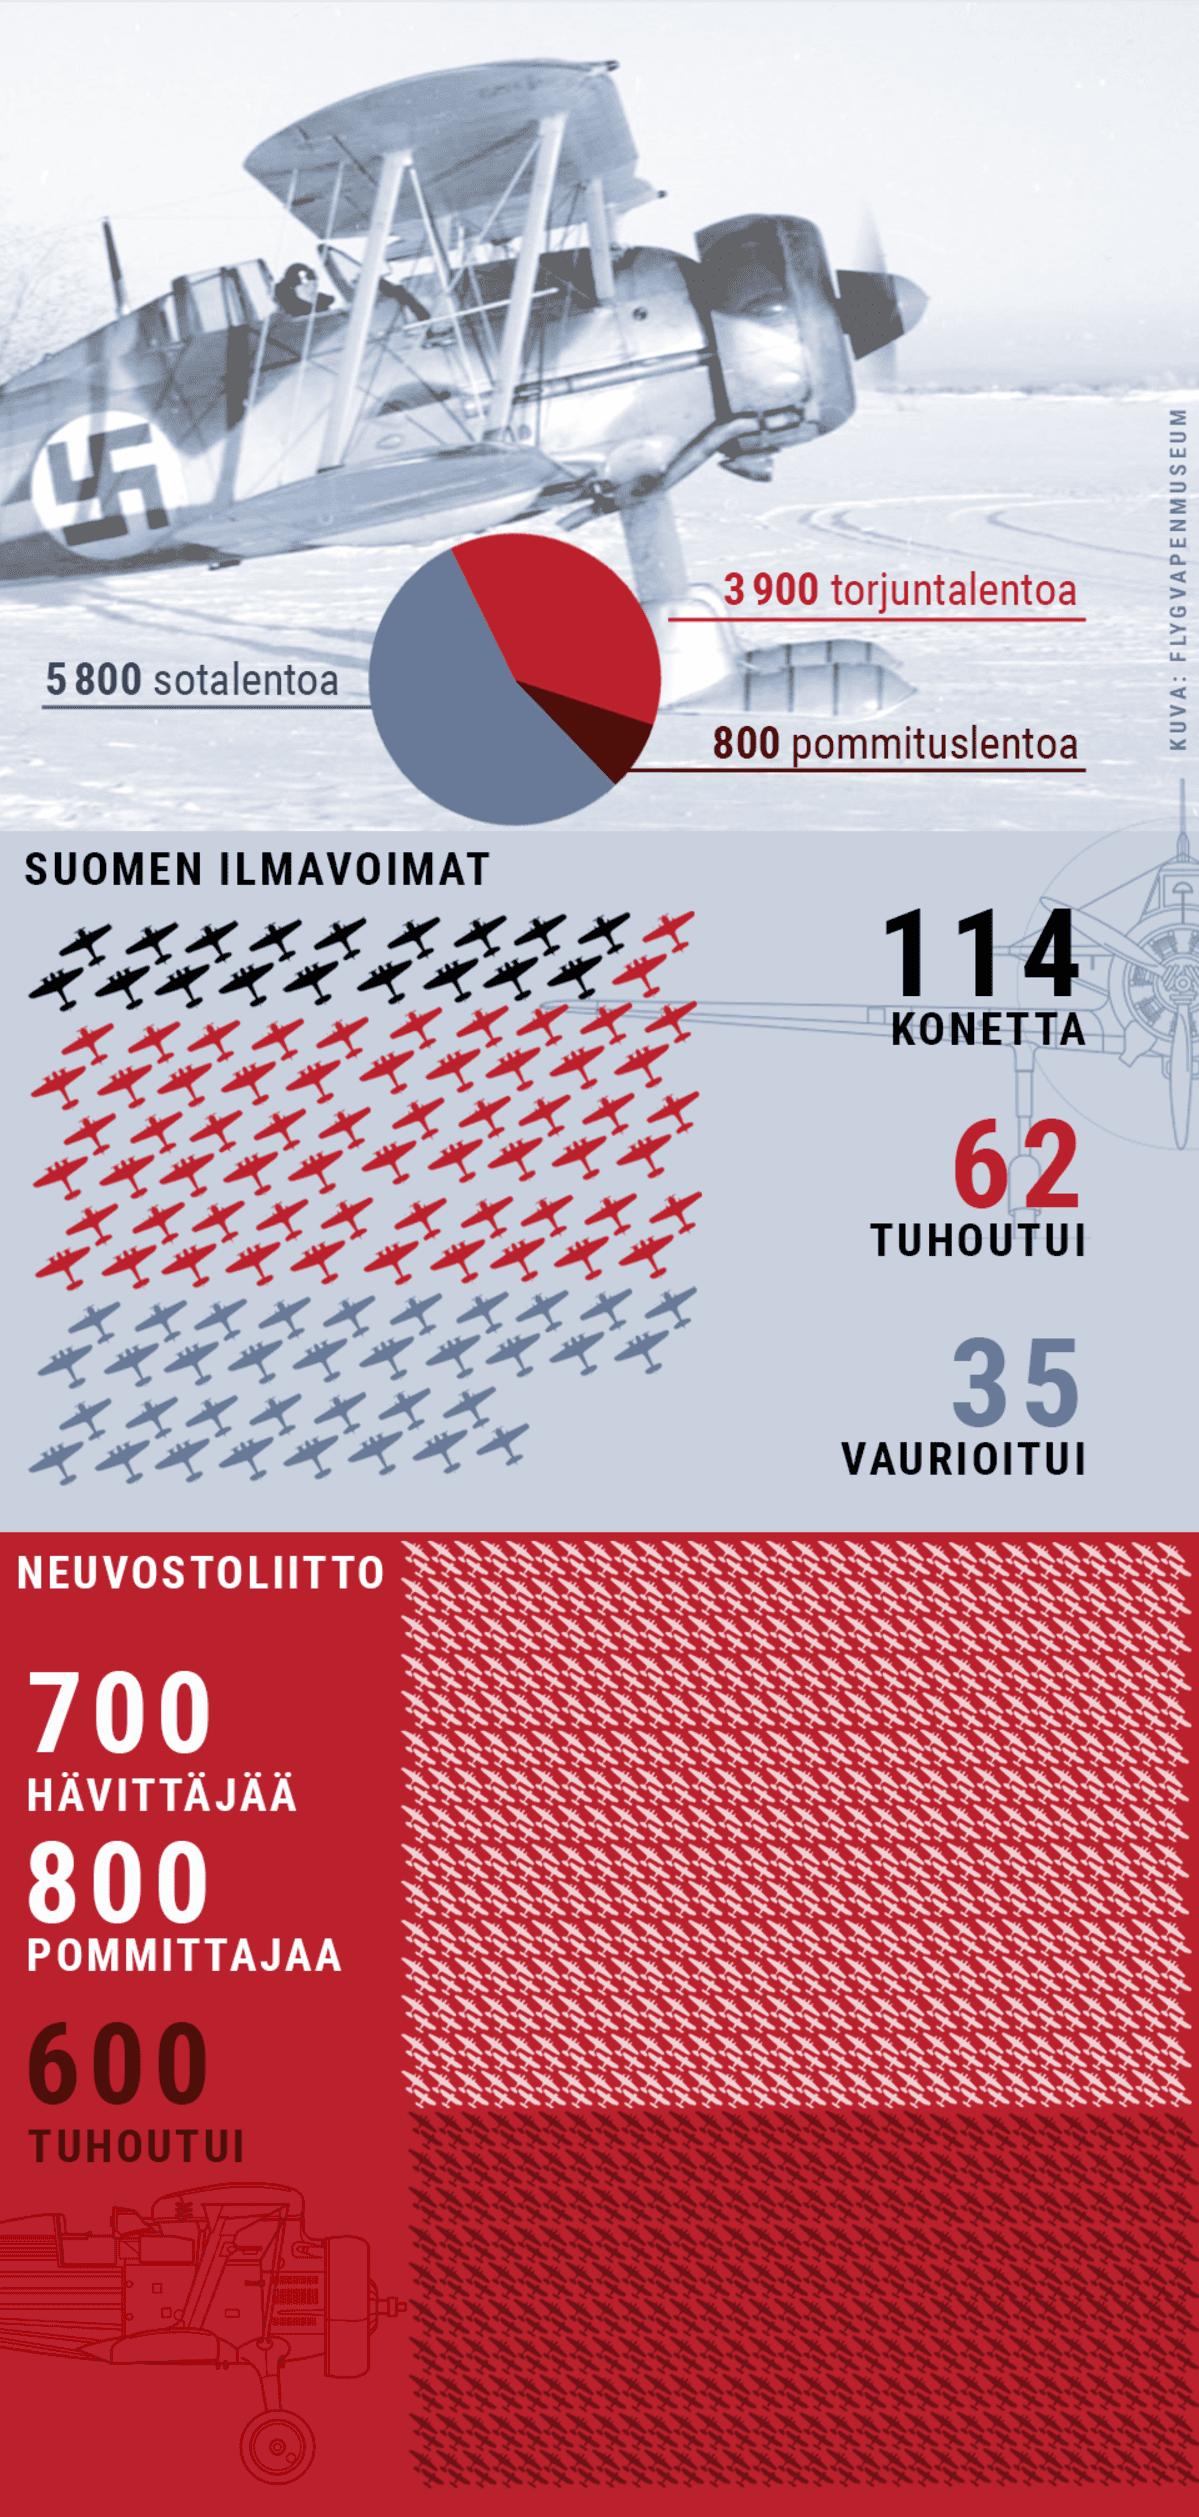 Grafiikka, jossa visualisoitu Suomen ja Neuvostoliiton hävittäjien ja pommikoneiden määrää talvisodassa